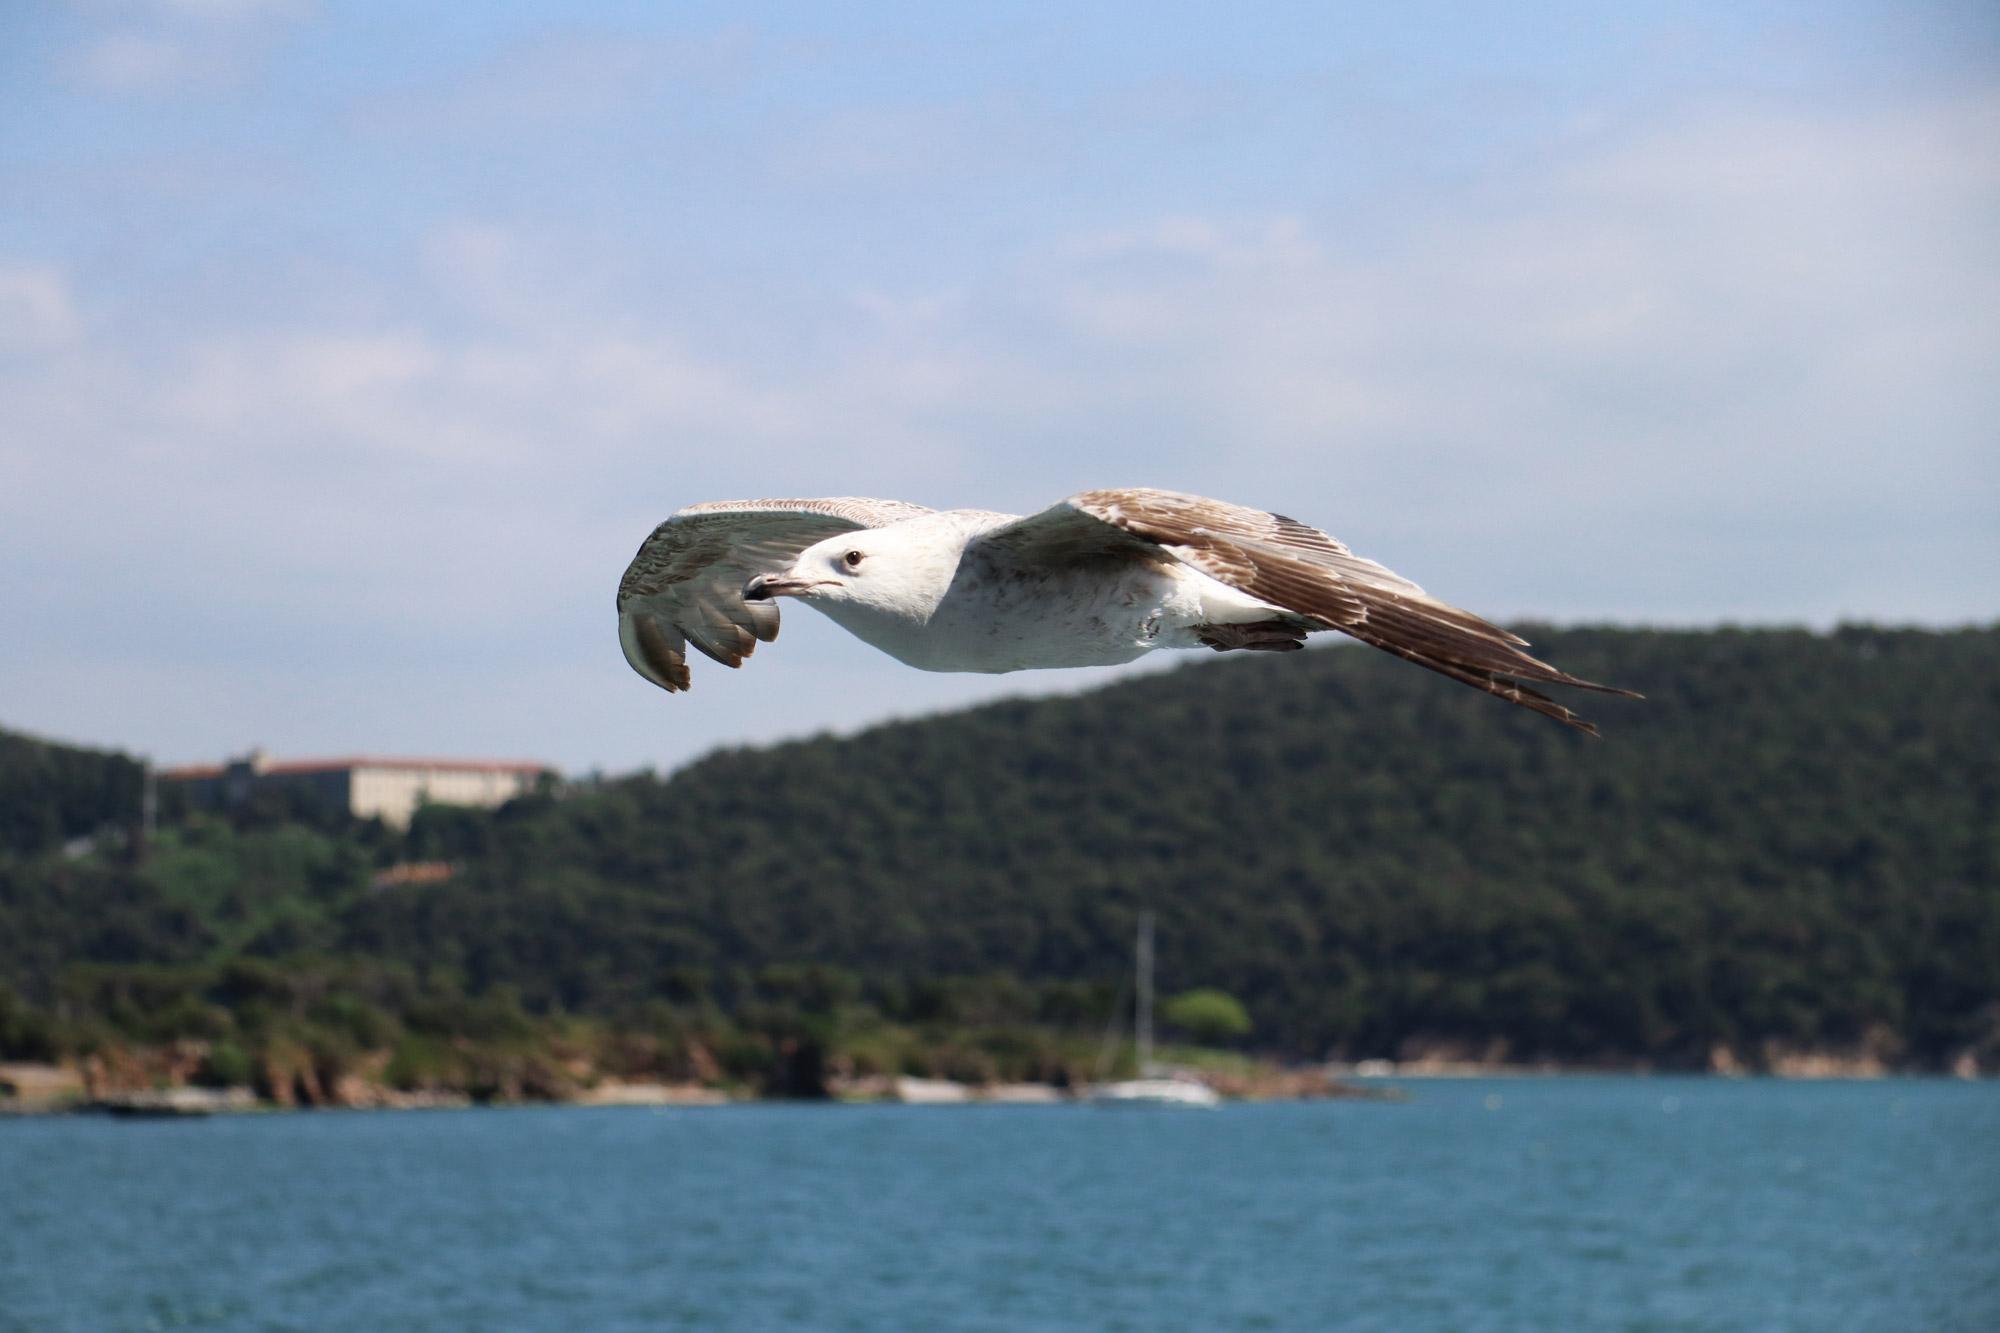 Stedentrip Istanbul - Een meeuw vliegt mee